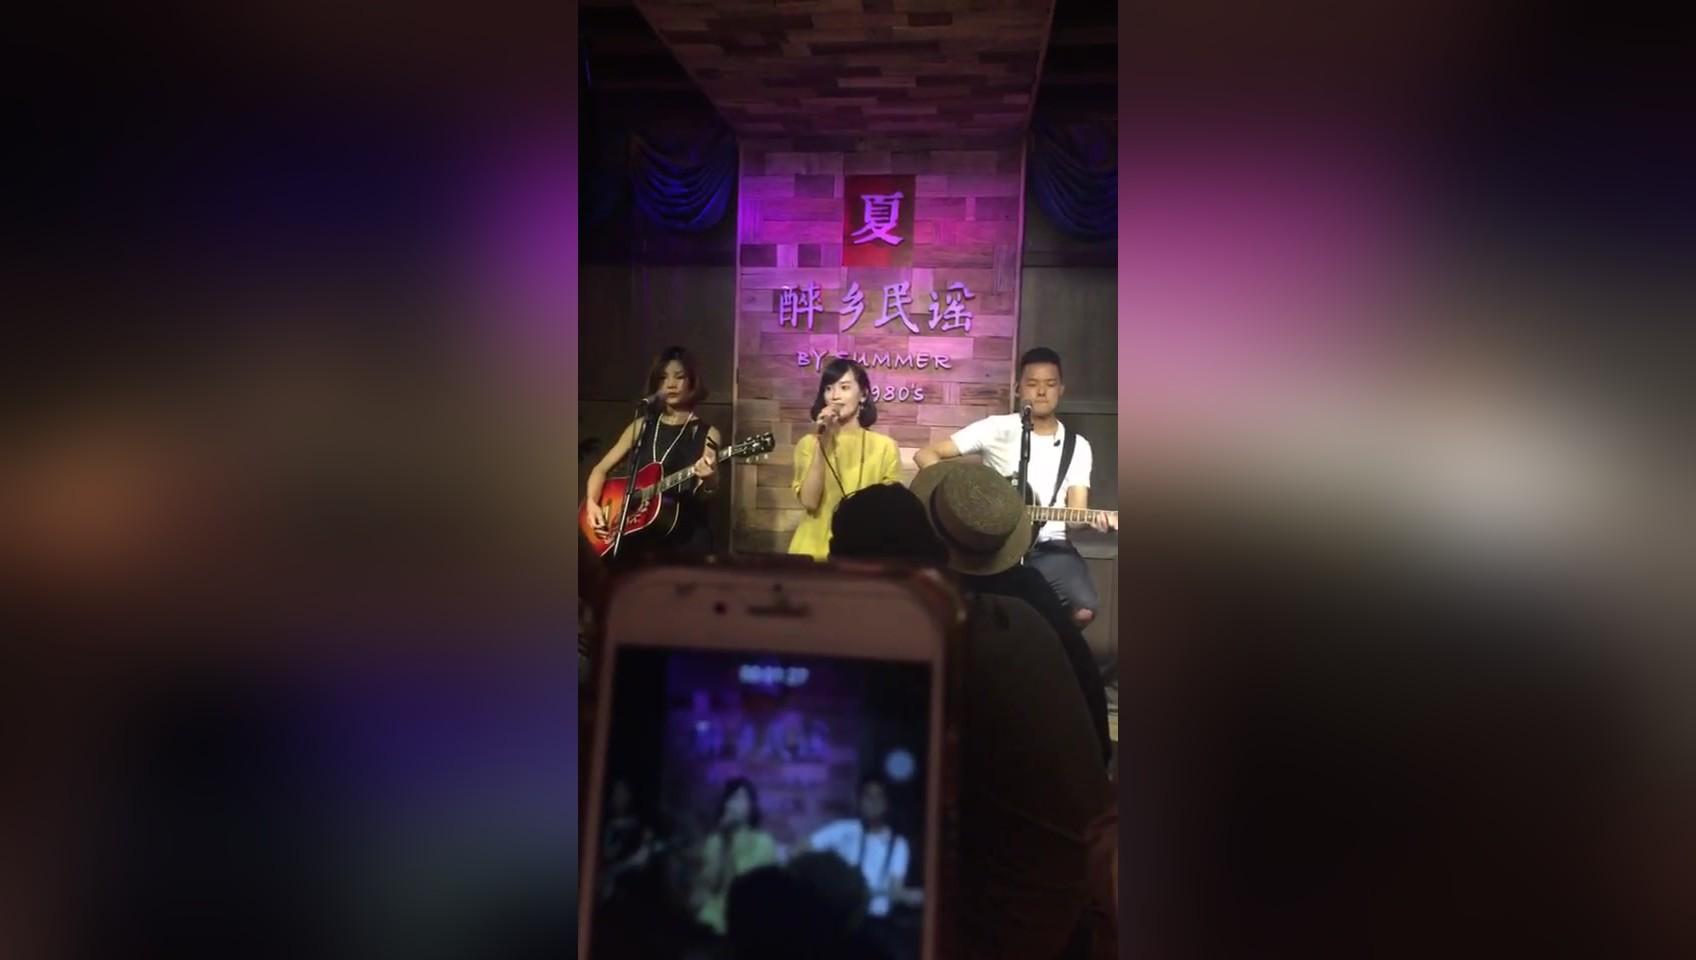 丽江网红 手鼓达人—夏夏 去年过去丽江她们的醉乡民谣酒吧